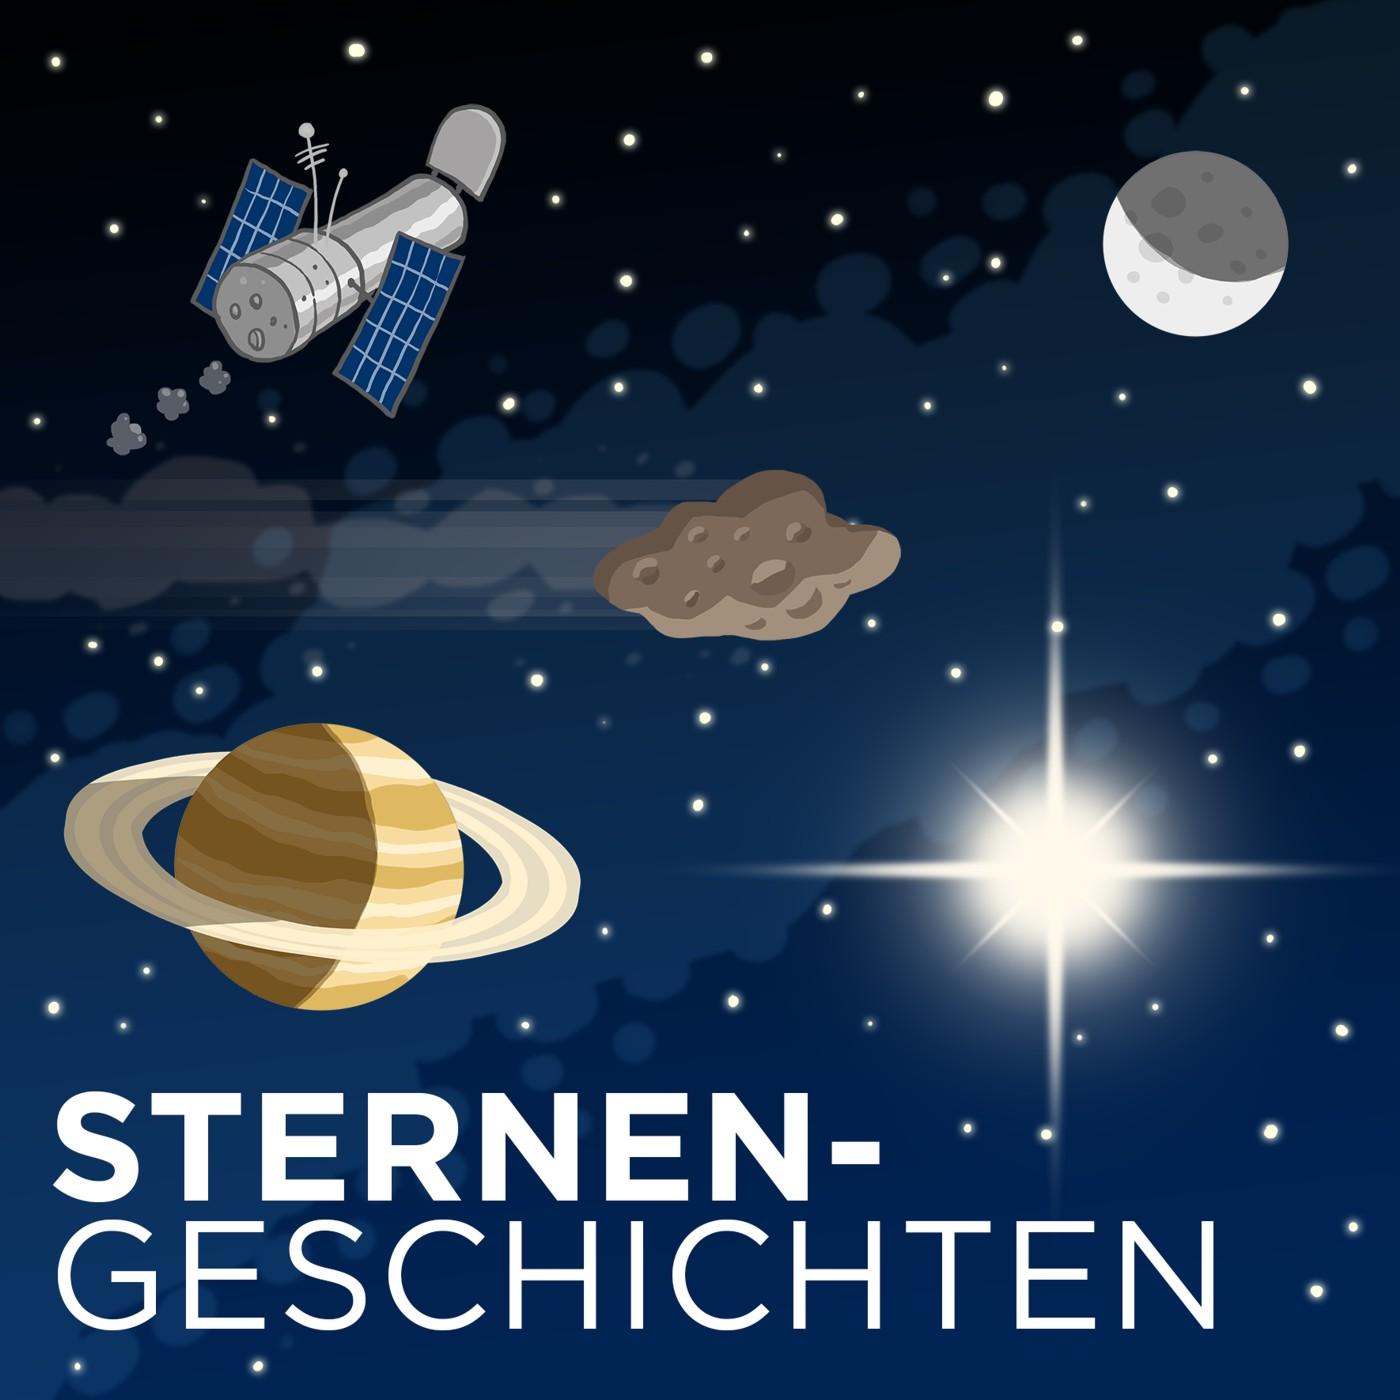 Sternengeschichten Folge 416: Der Schlangenträger und das 13. Sternzeichen